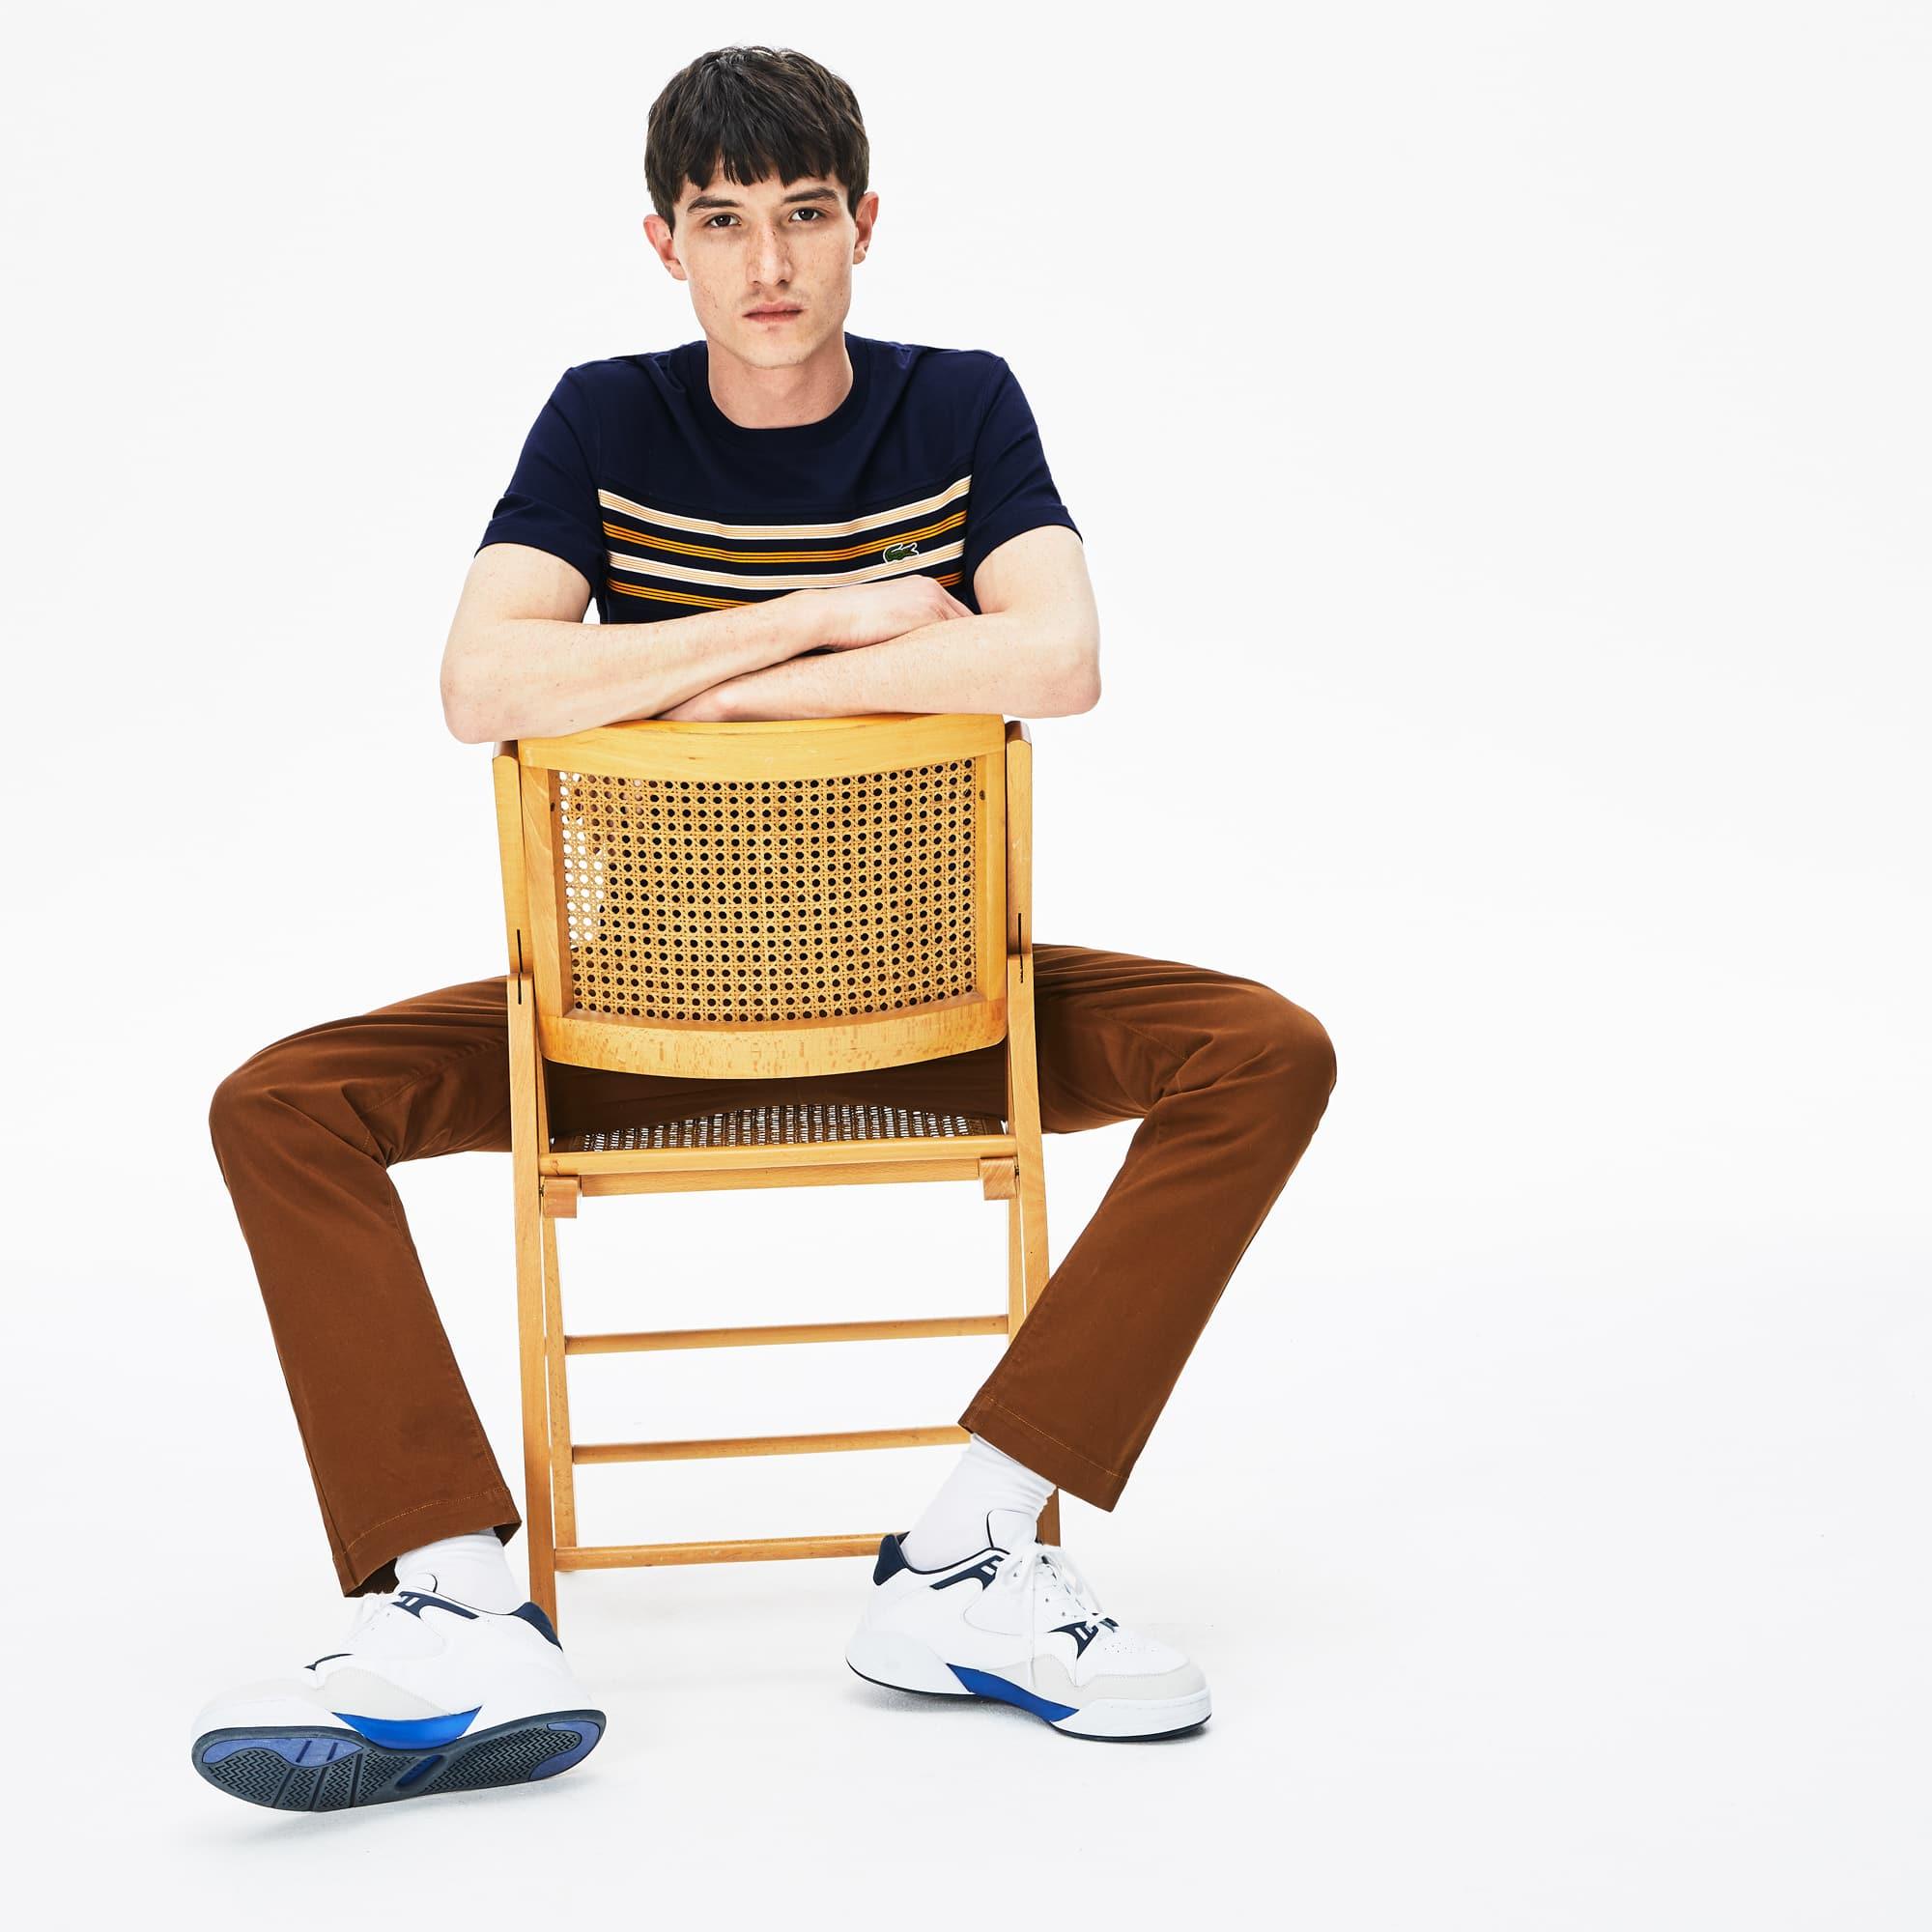 Lacoste Tops Men's Crew Neck Striped Panel Cotton T-shirt